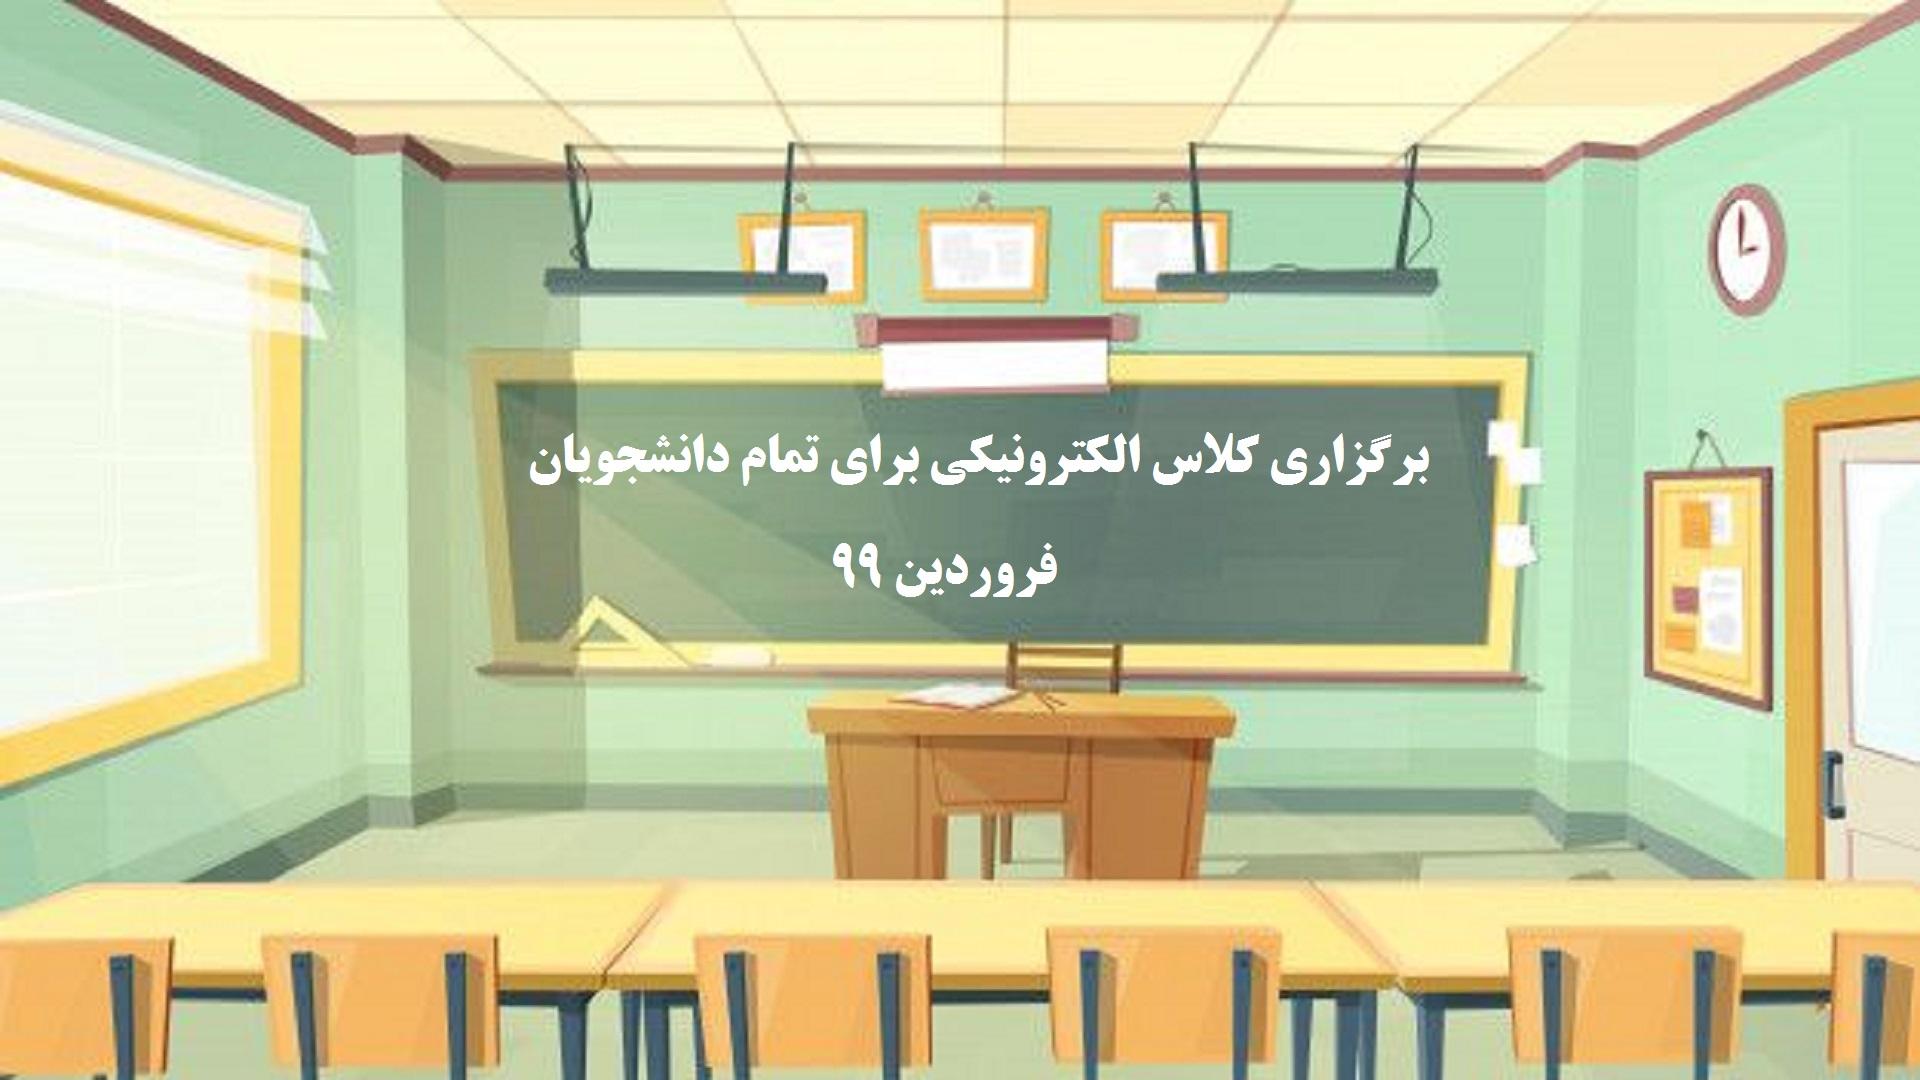 برگزاری کلاسهای الکترونیکی ترم دوم 99-98 پیام نور